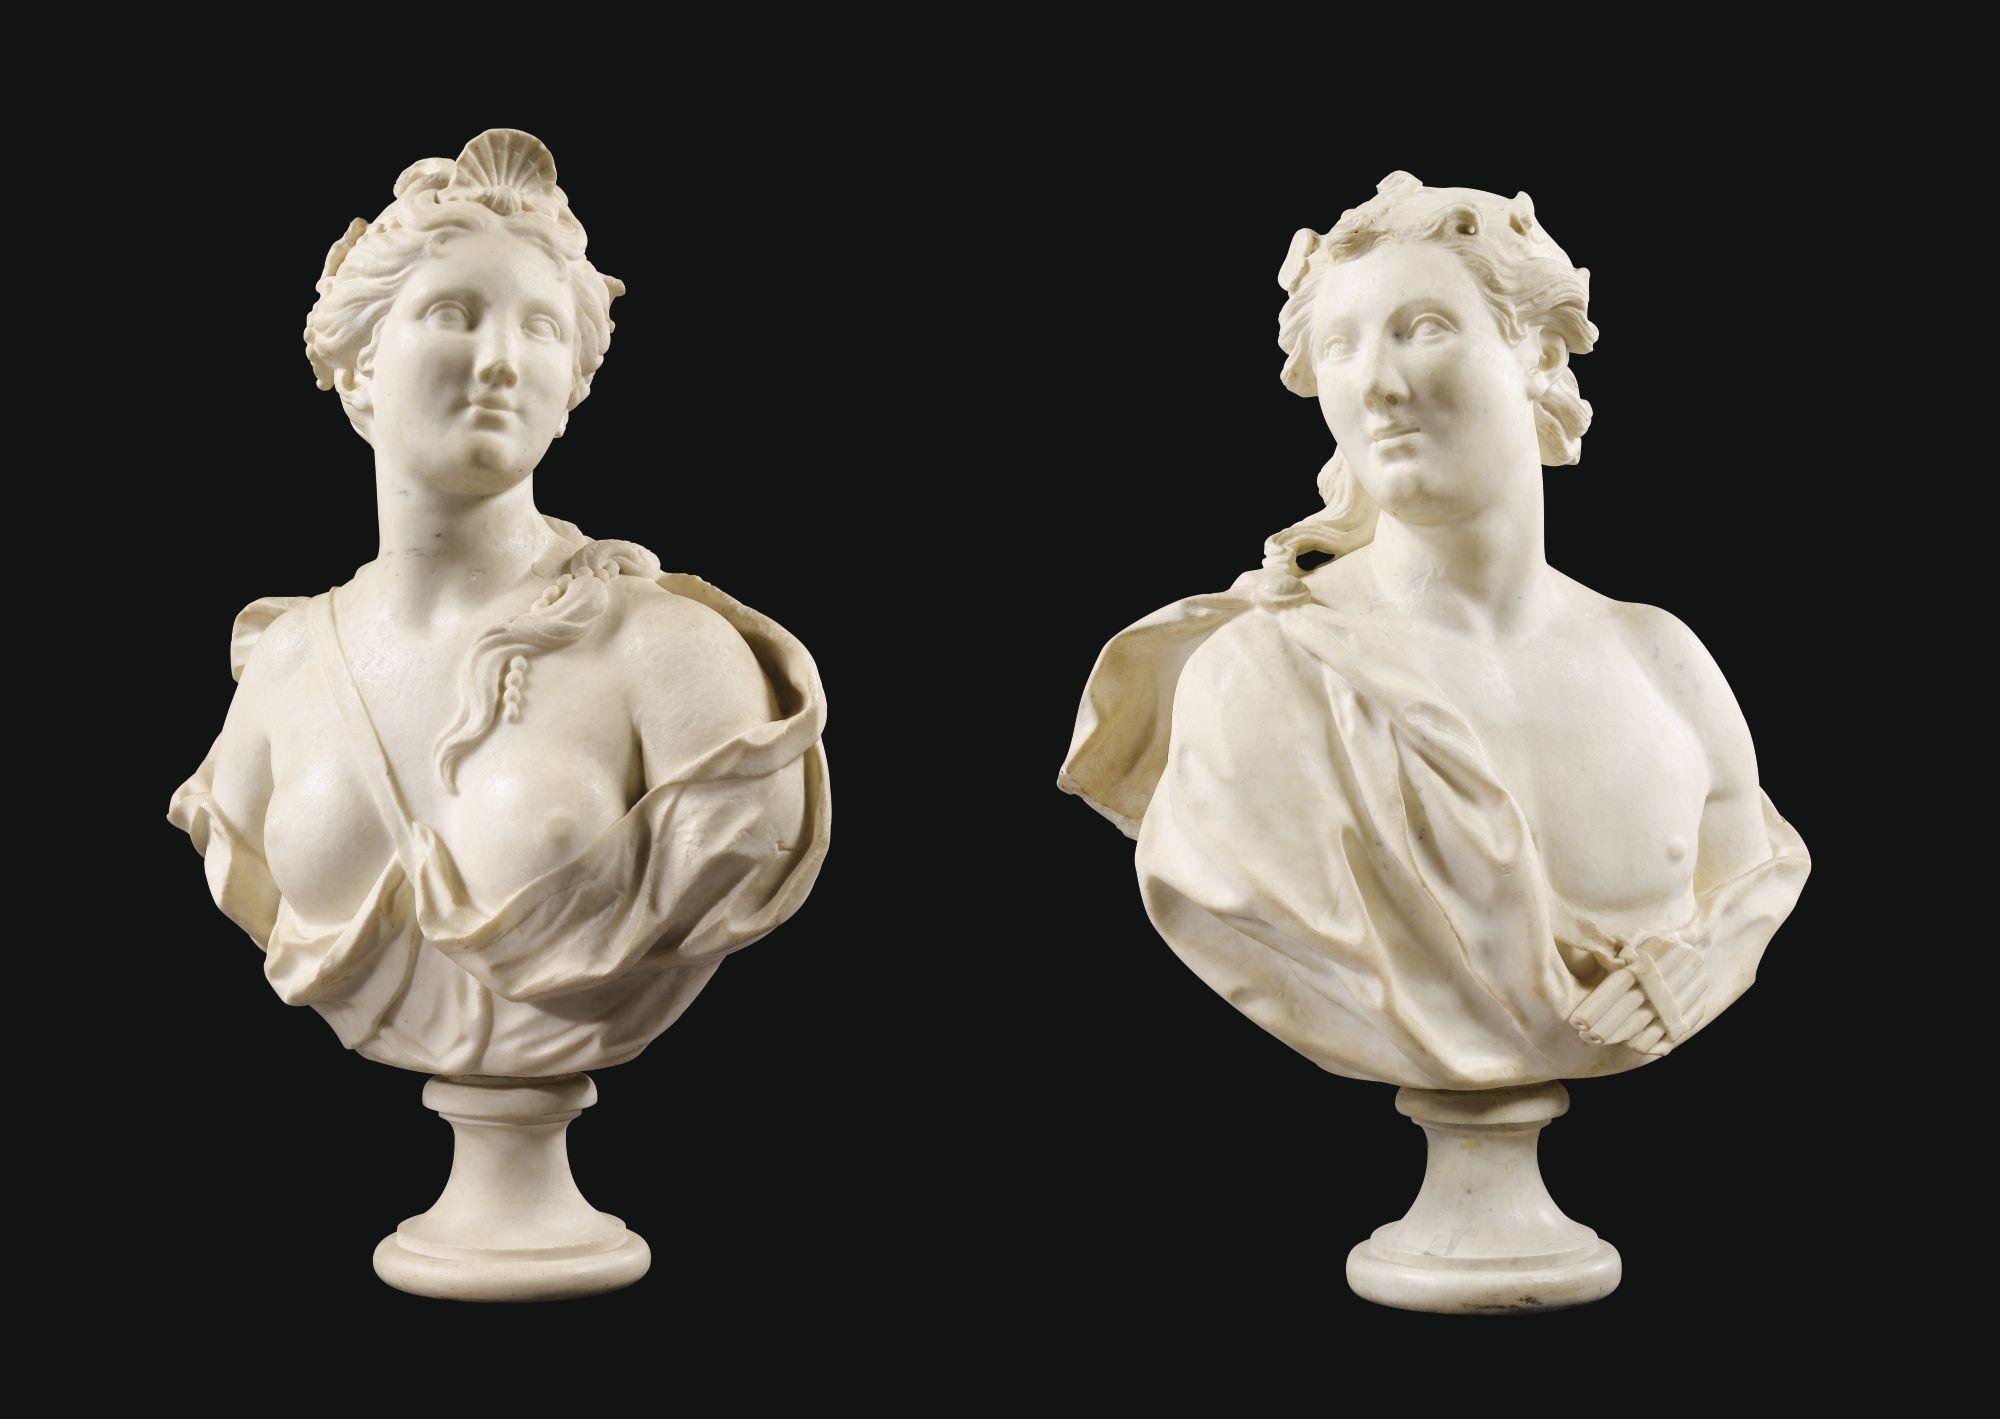 Paire De Bustes D Acis Et Galatee Italie Genes Vers 1700 Lot Statue Marble Bust Sculpture